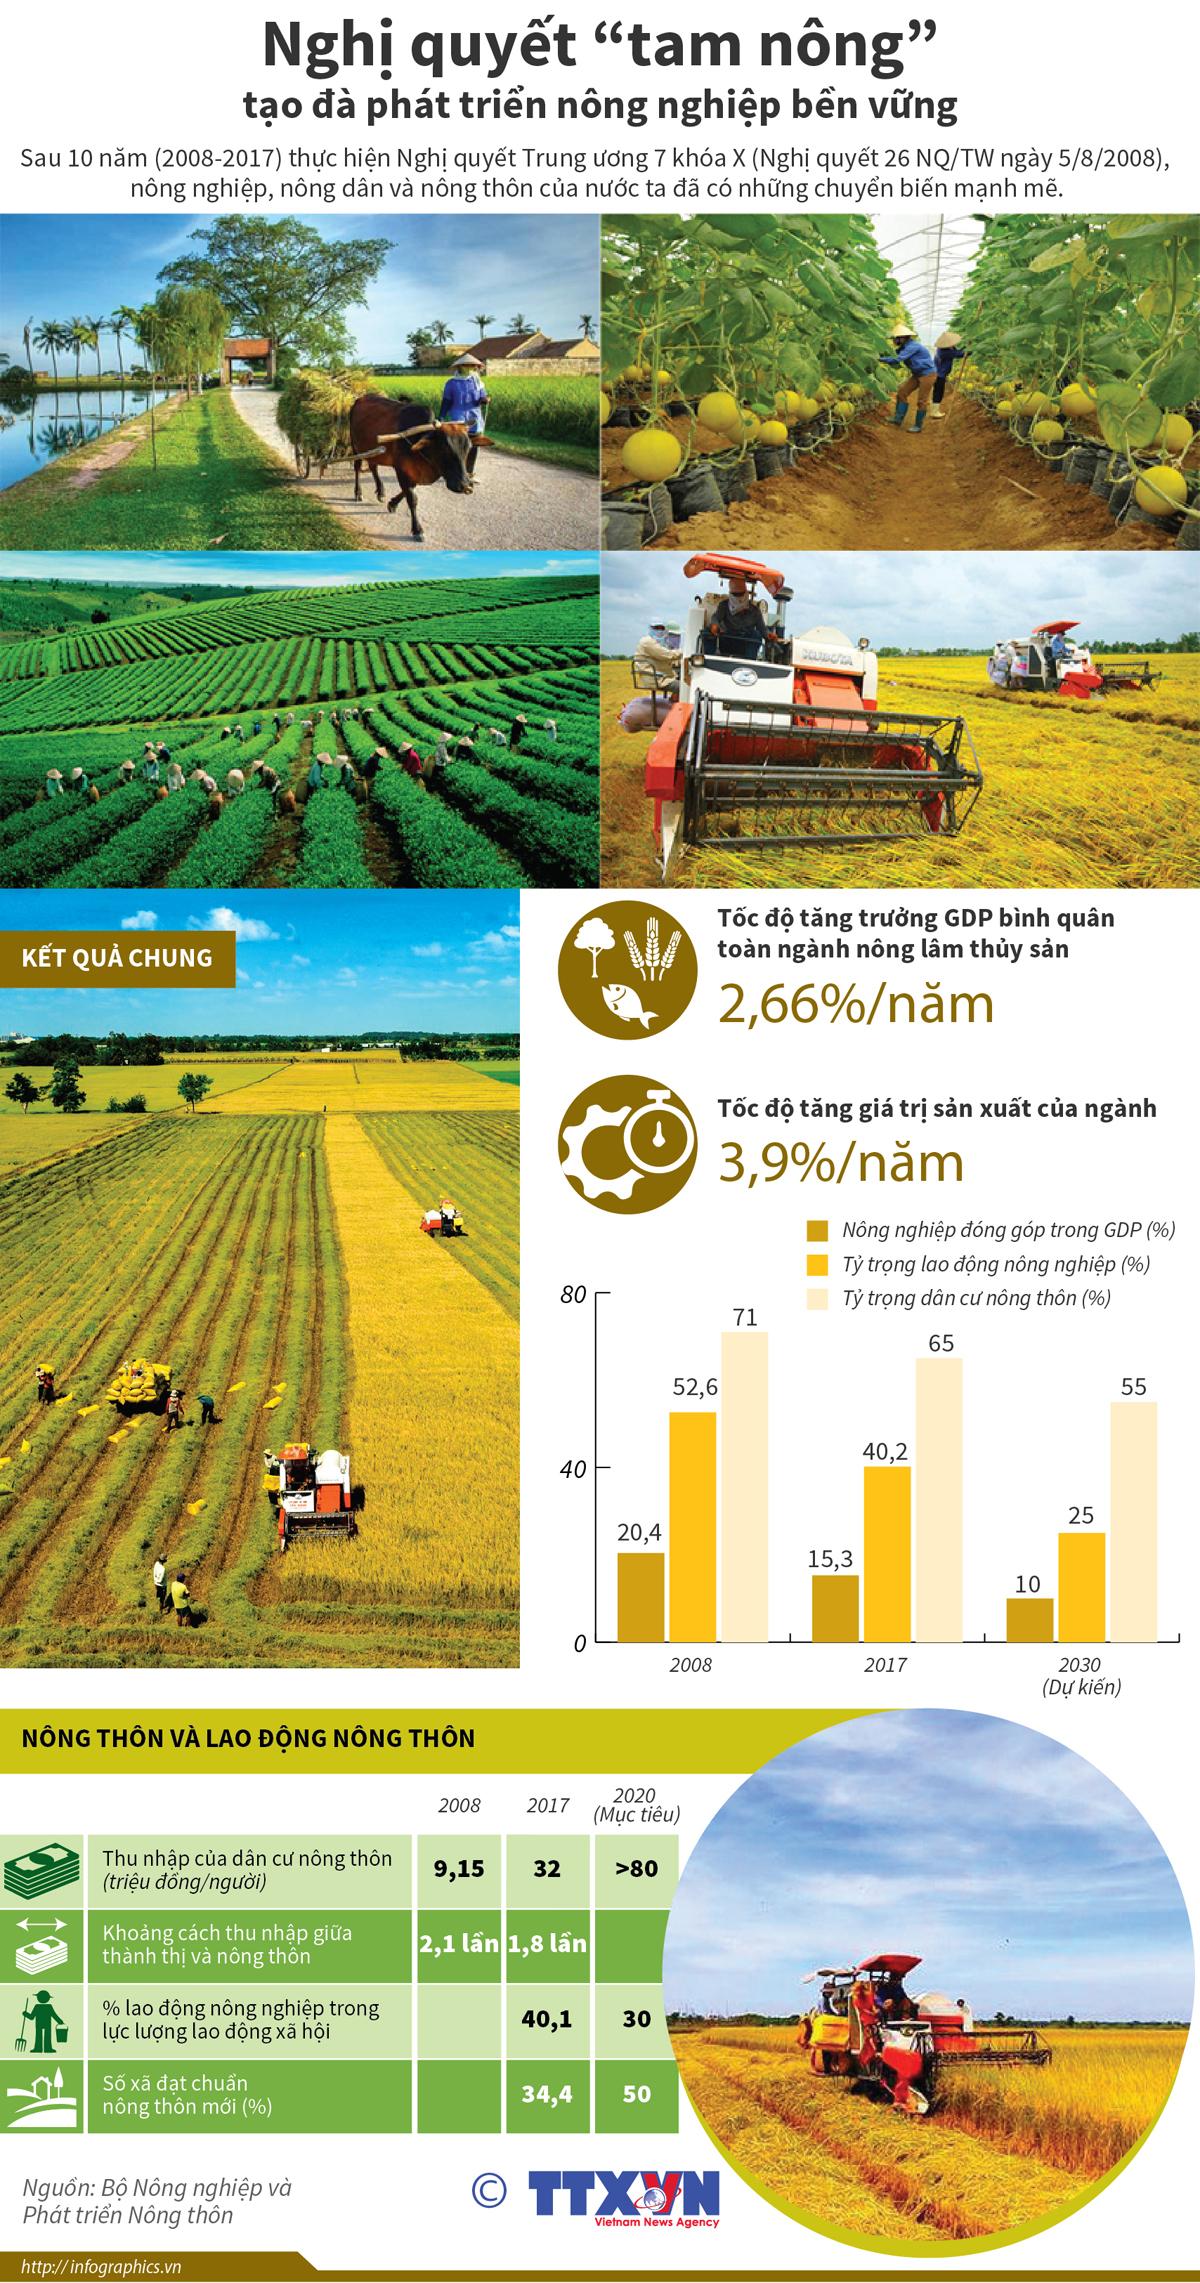 kinh tế - hội nhập, nghị quyết, tam nông, phát triển nông nghiệp, bền vững